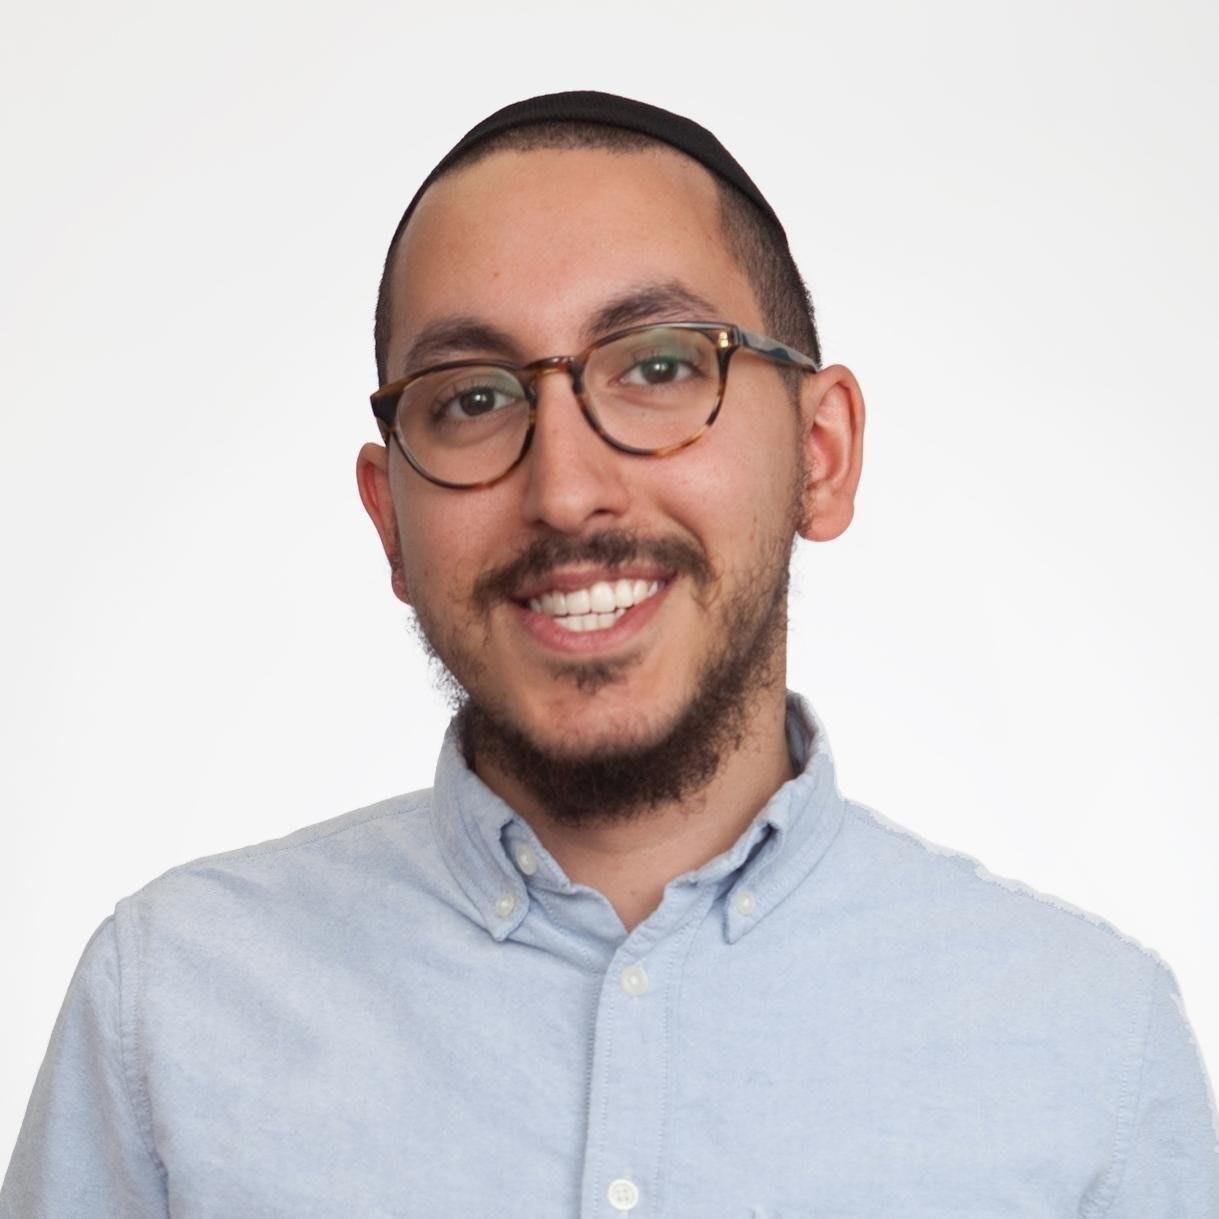 Yaakov James Zar